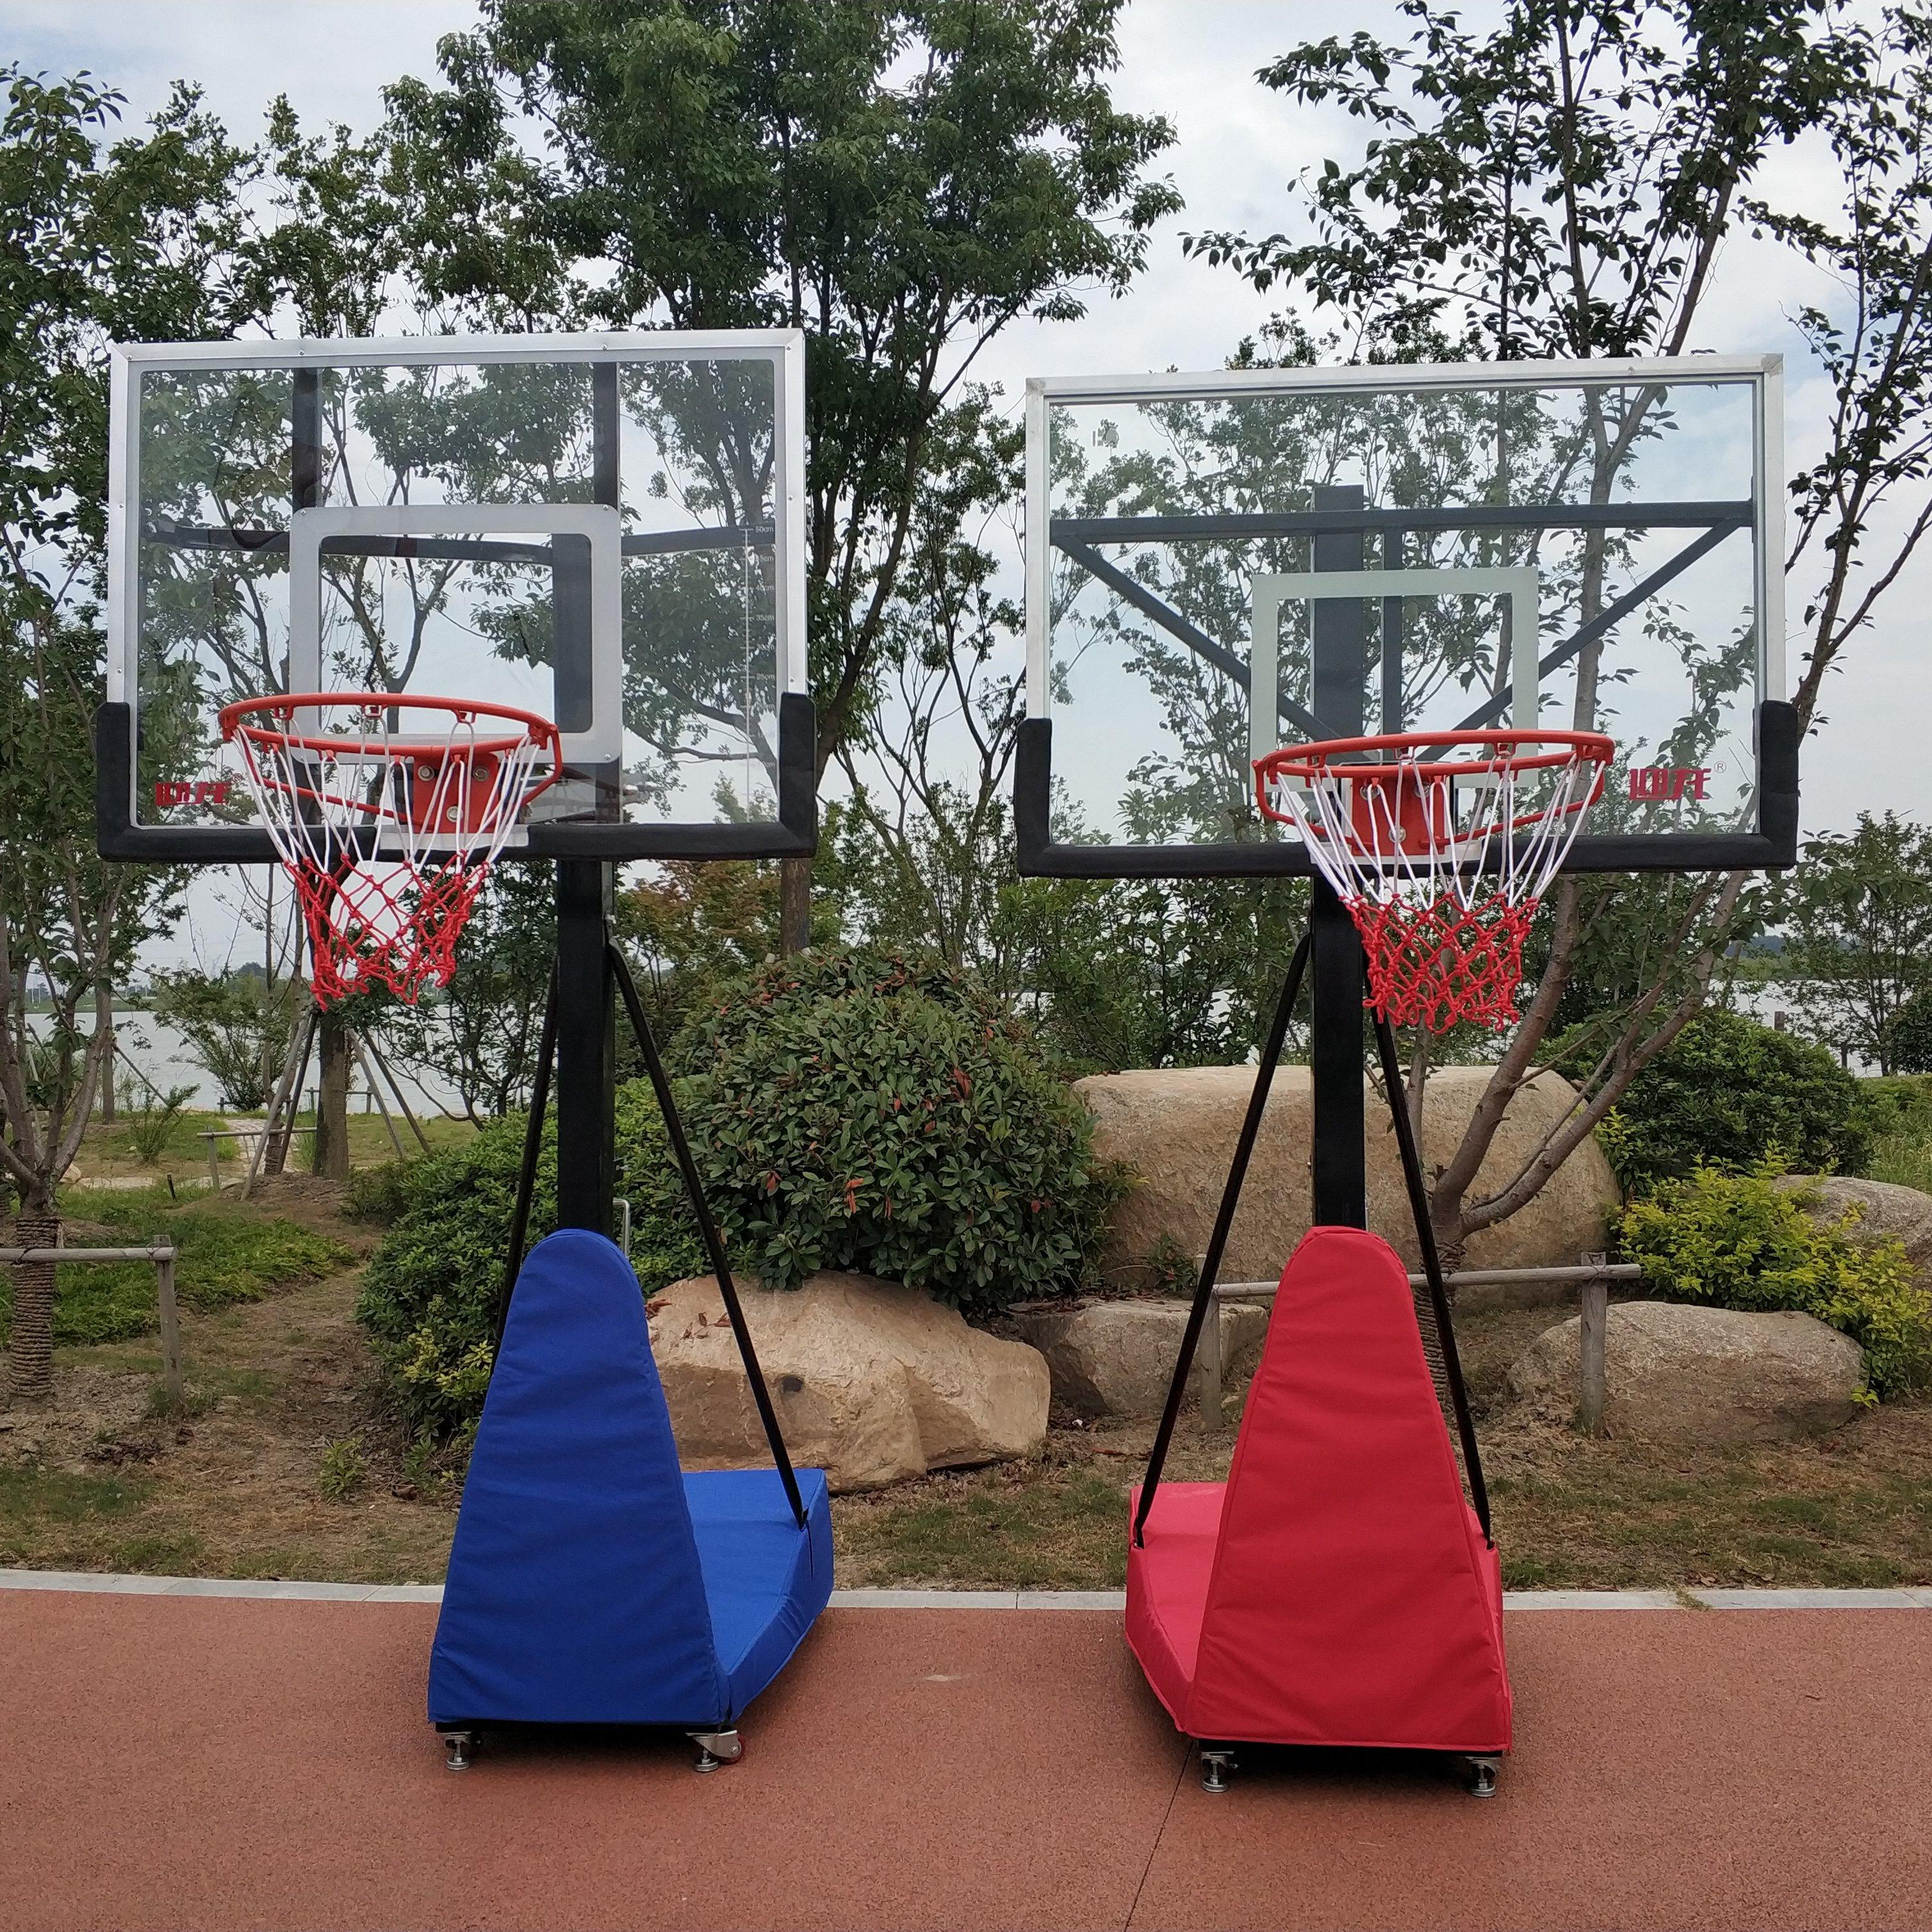 การฝึกบาสเก็ตบอลสำหรับเด็กสามารถเคลื่อนย้ายและยกได้